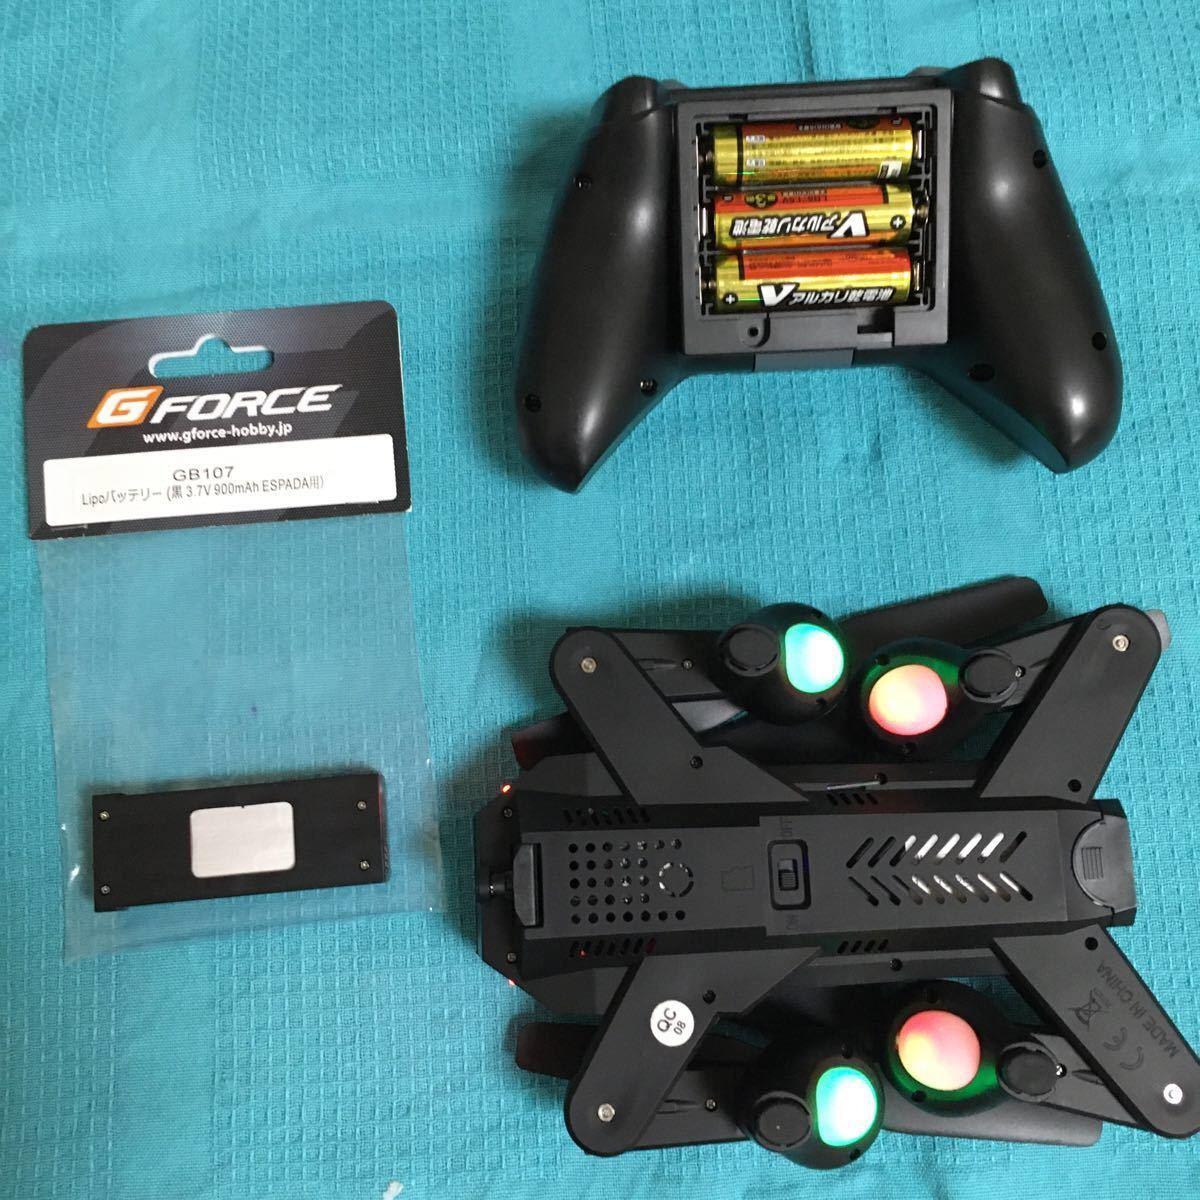 ドローン ESPADA GForce ジーフォース GB100 [エスパーダ 黒]予備バッテリーつき